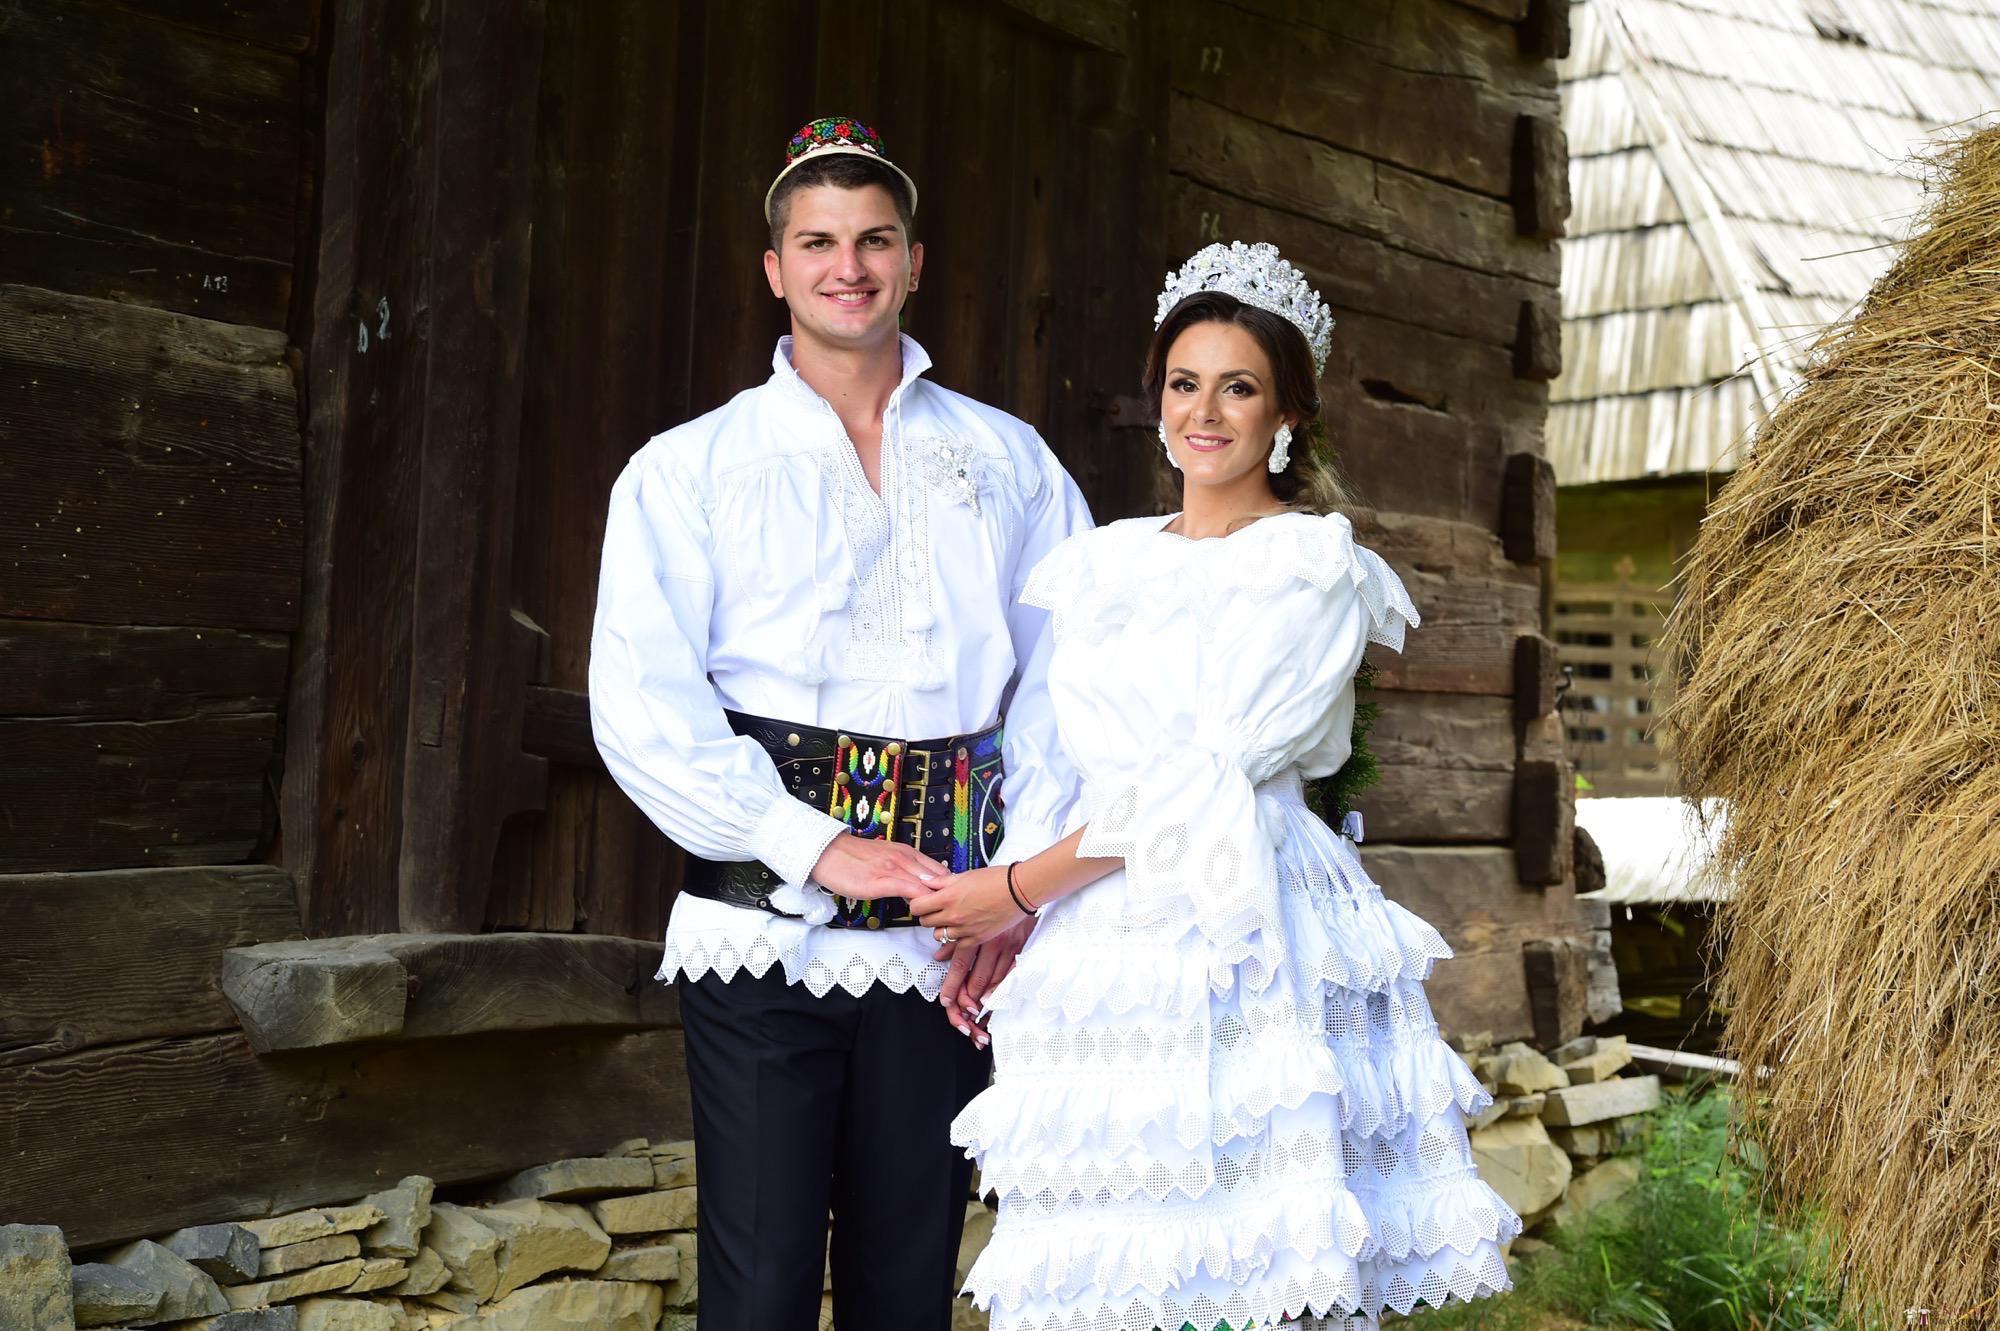 Povești Nunți Tradiționale - Florentina Vlad și Lemnean Ionuț. Cununie tradițională în Baia Mare 5